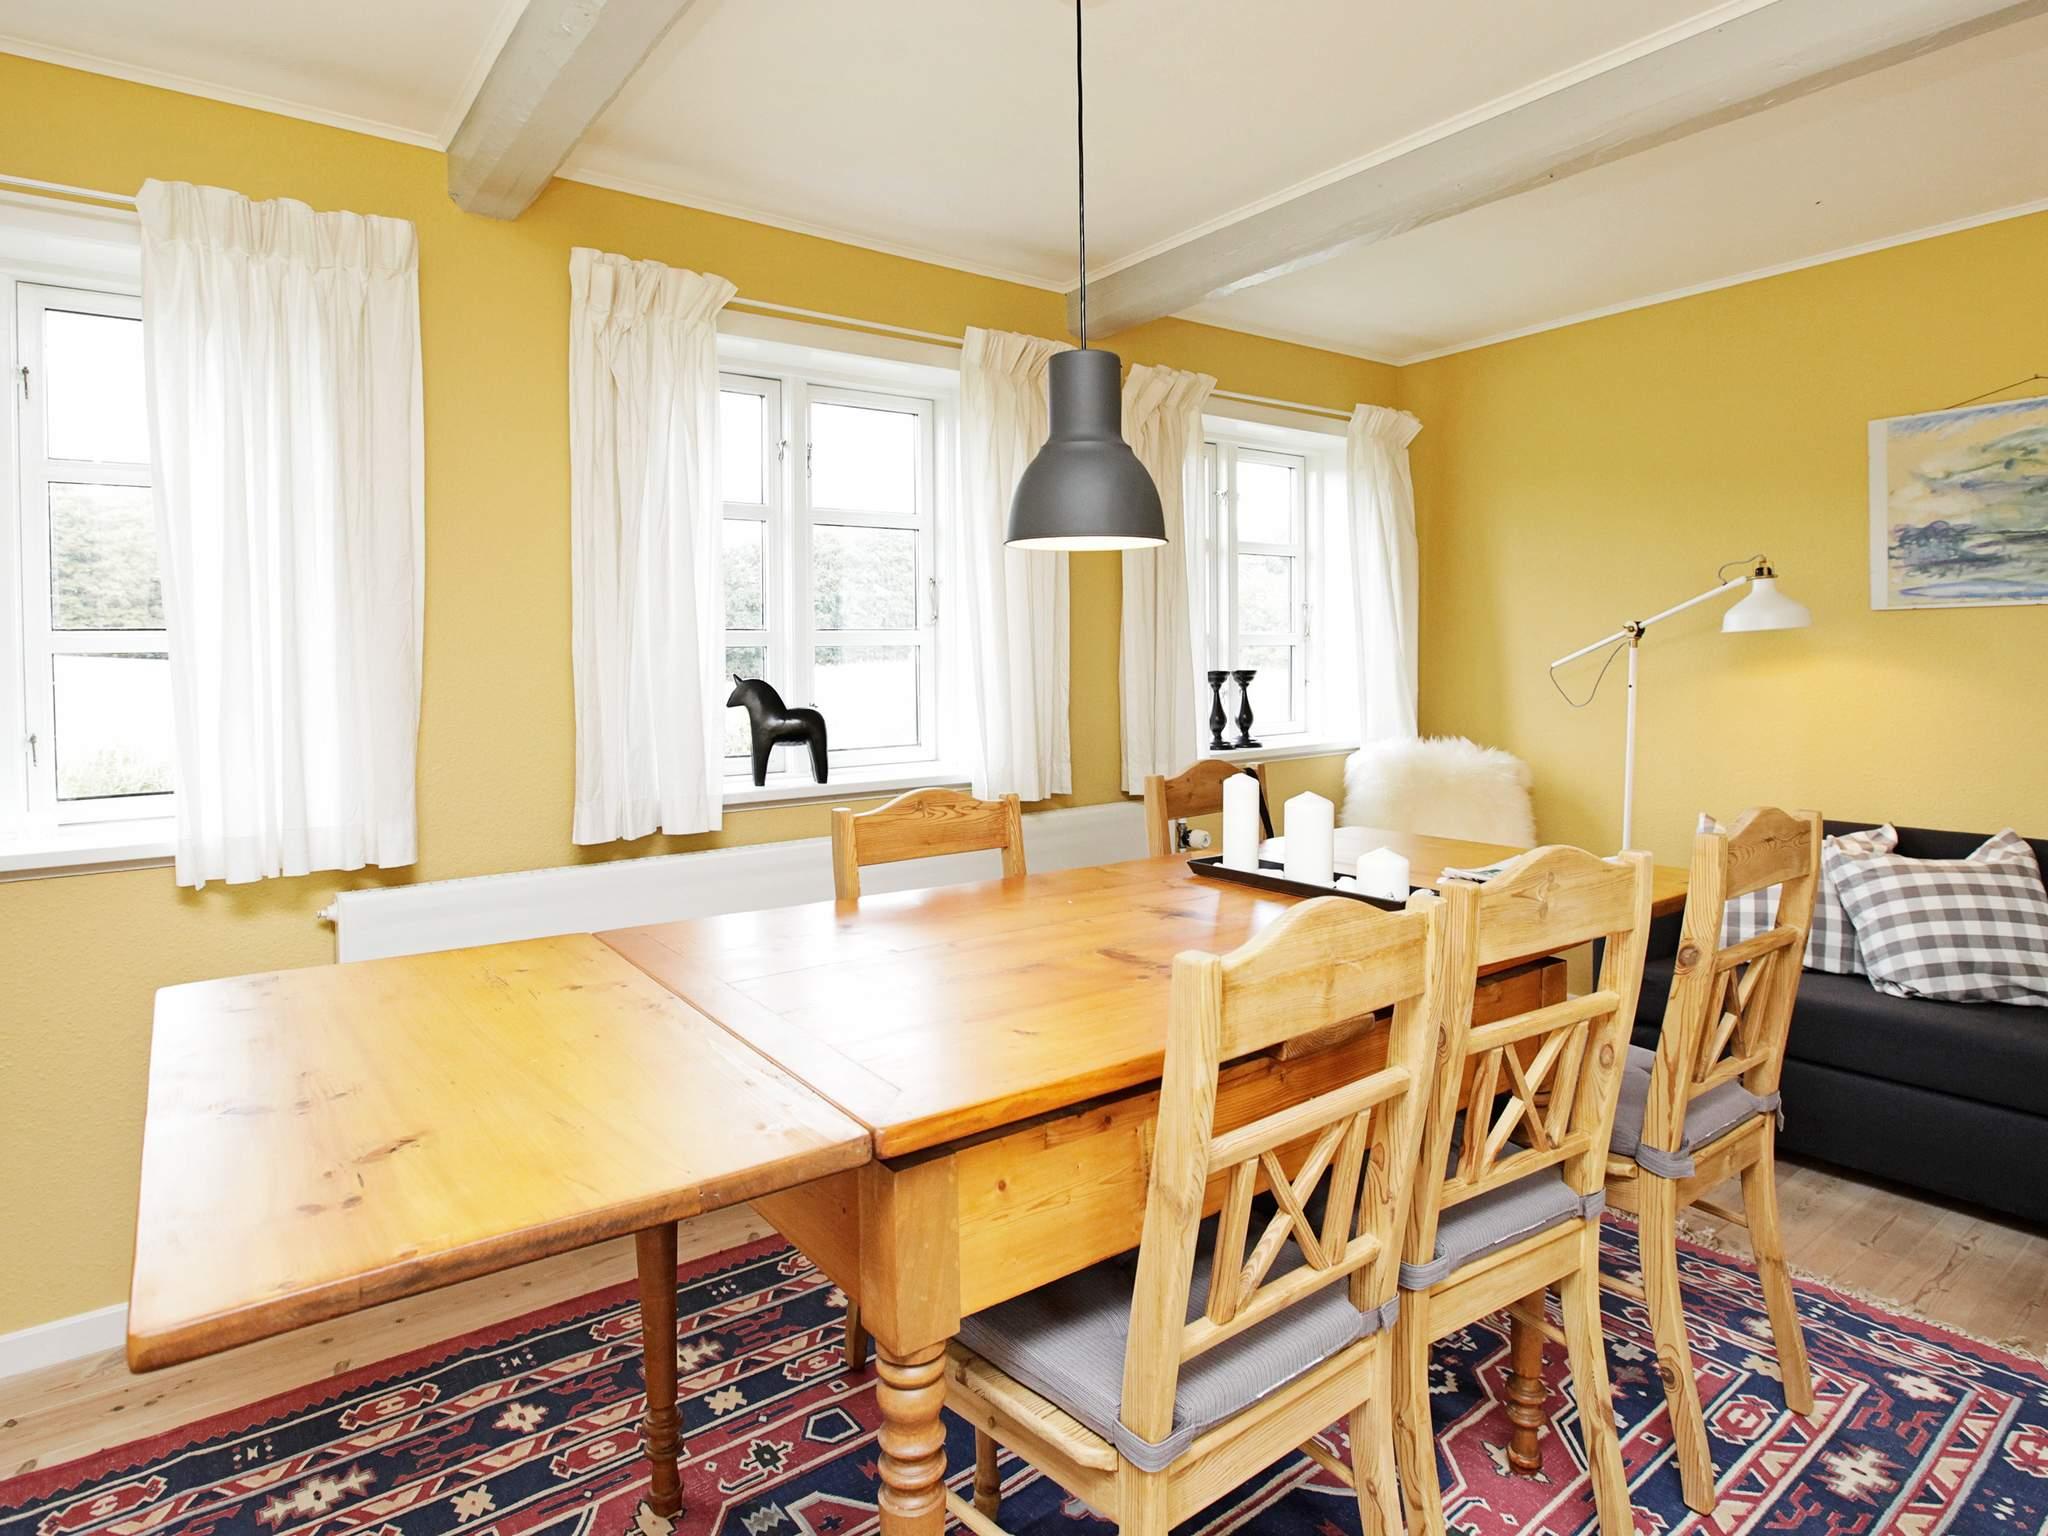 Ferienhaus Hou/Fyn (83188), Tranekær, , Langeland, Dänemark, Bild 7